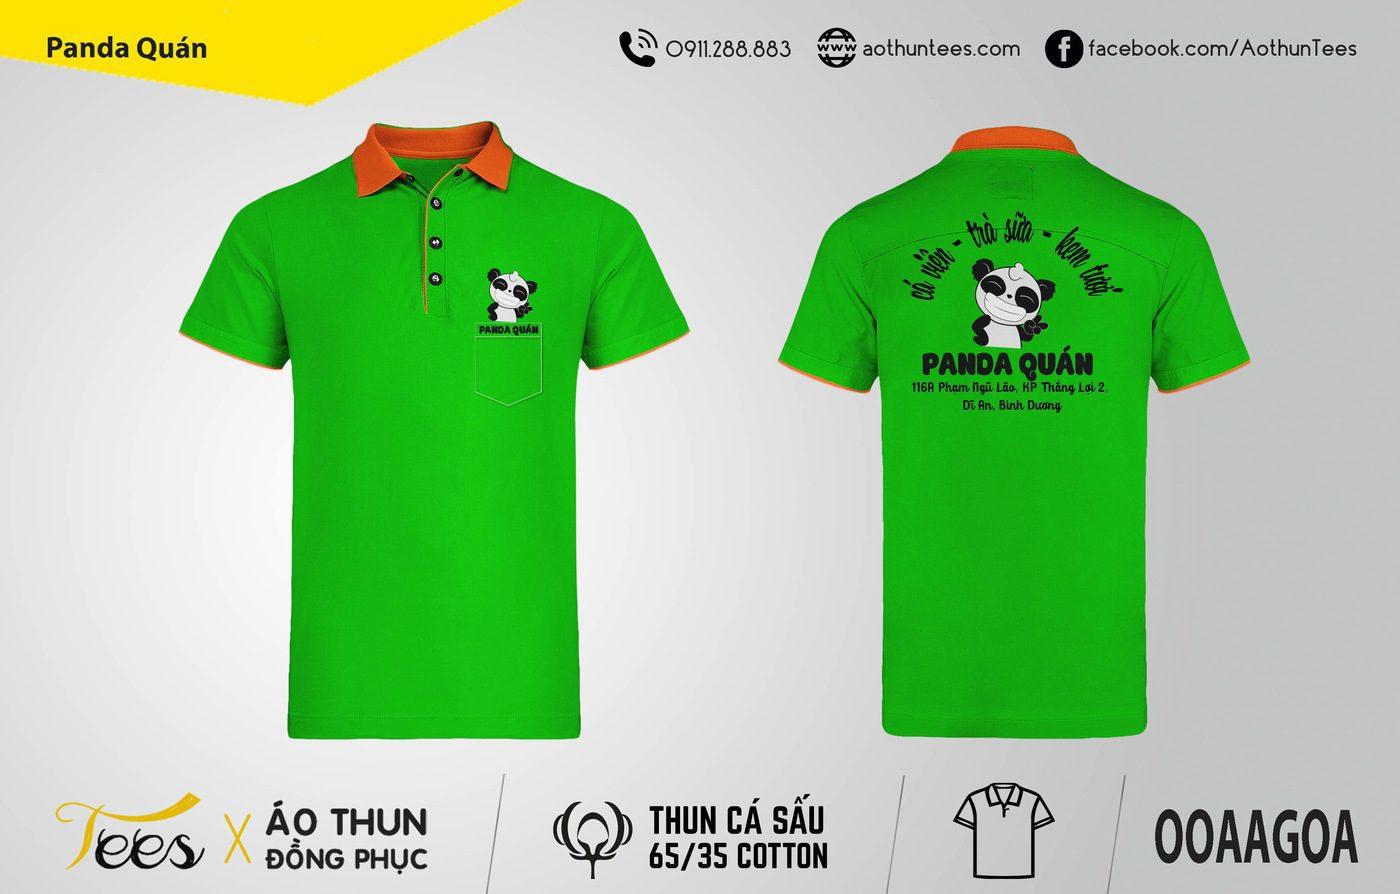 Áo thun đồng phục quán Panda